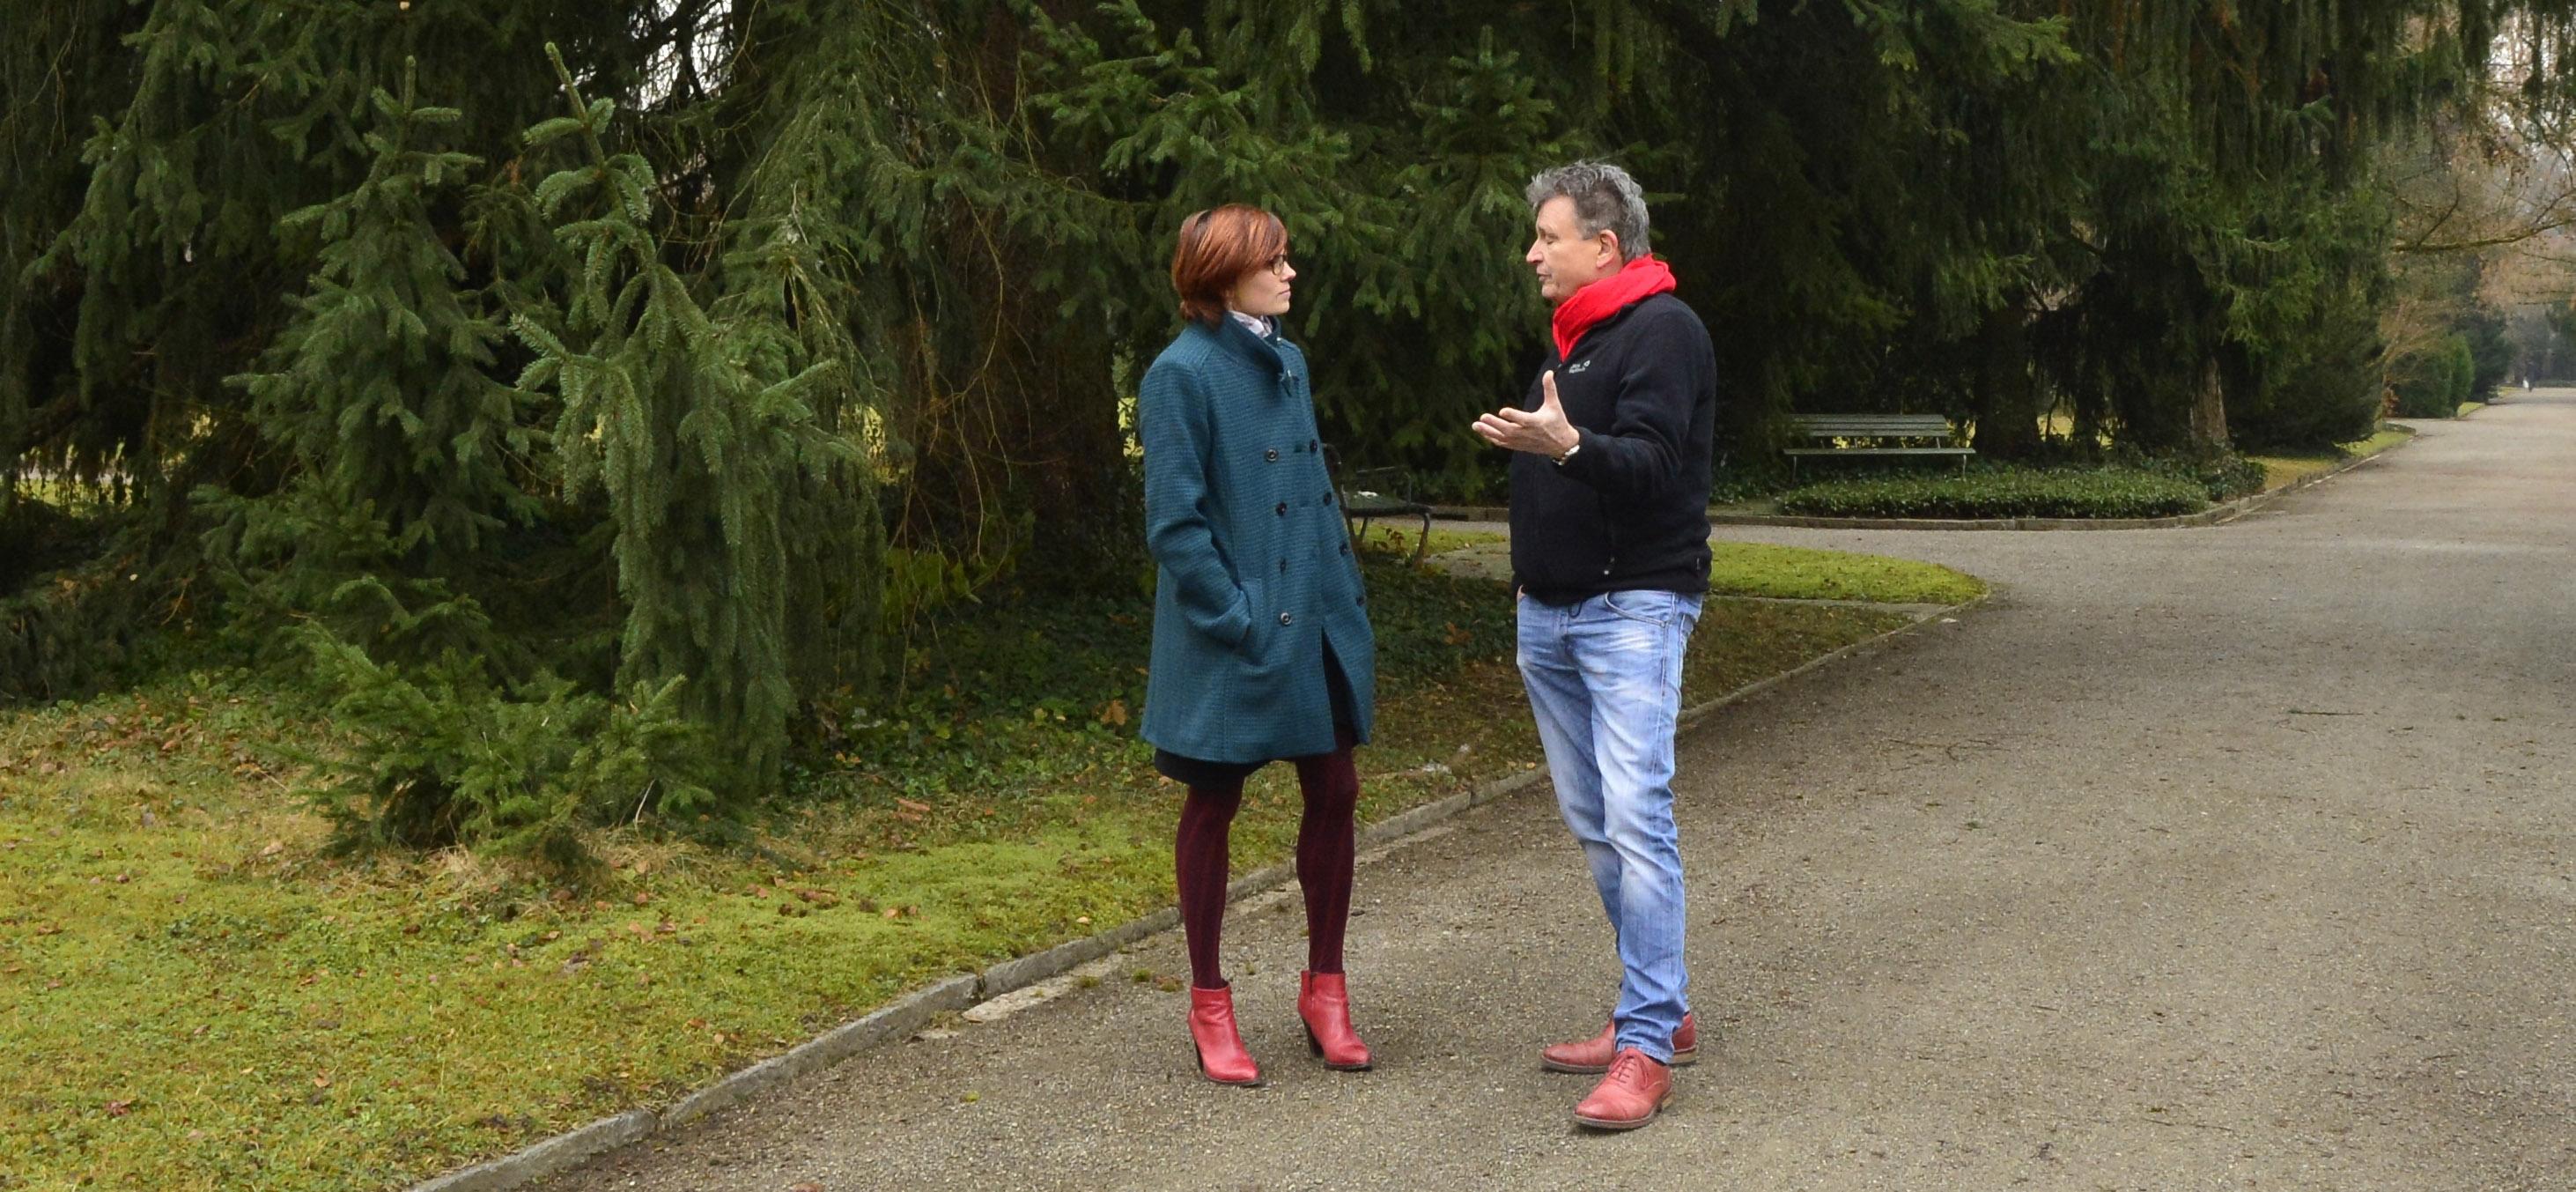 Angela Maria Villiger, Fachfrau für Beratungen in der letzten Lebensphase im Gespräch mit DeinAdieu-Autor Martin Schuppli